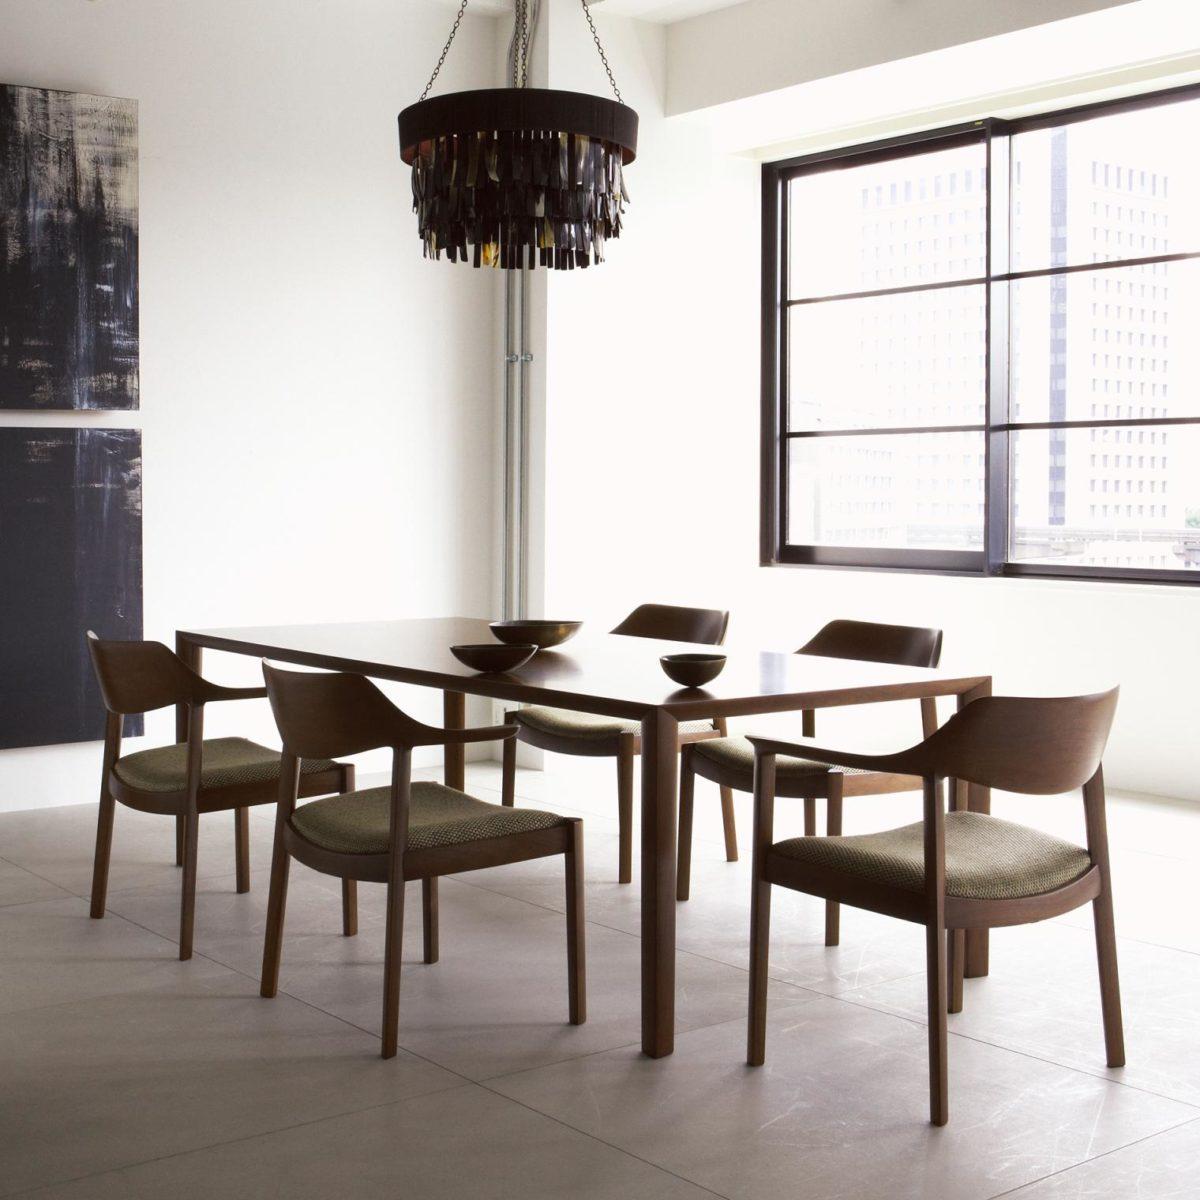 Tisch, Stuhl WING Massivholz Eiche, Nussbaum Der Firma CONDE HOUSE